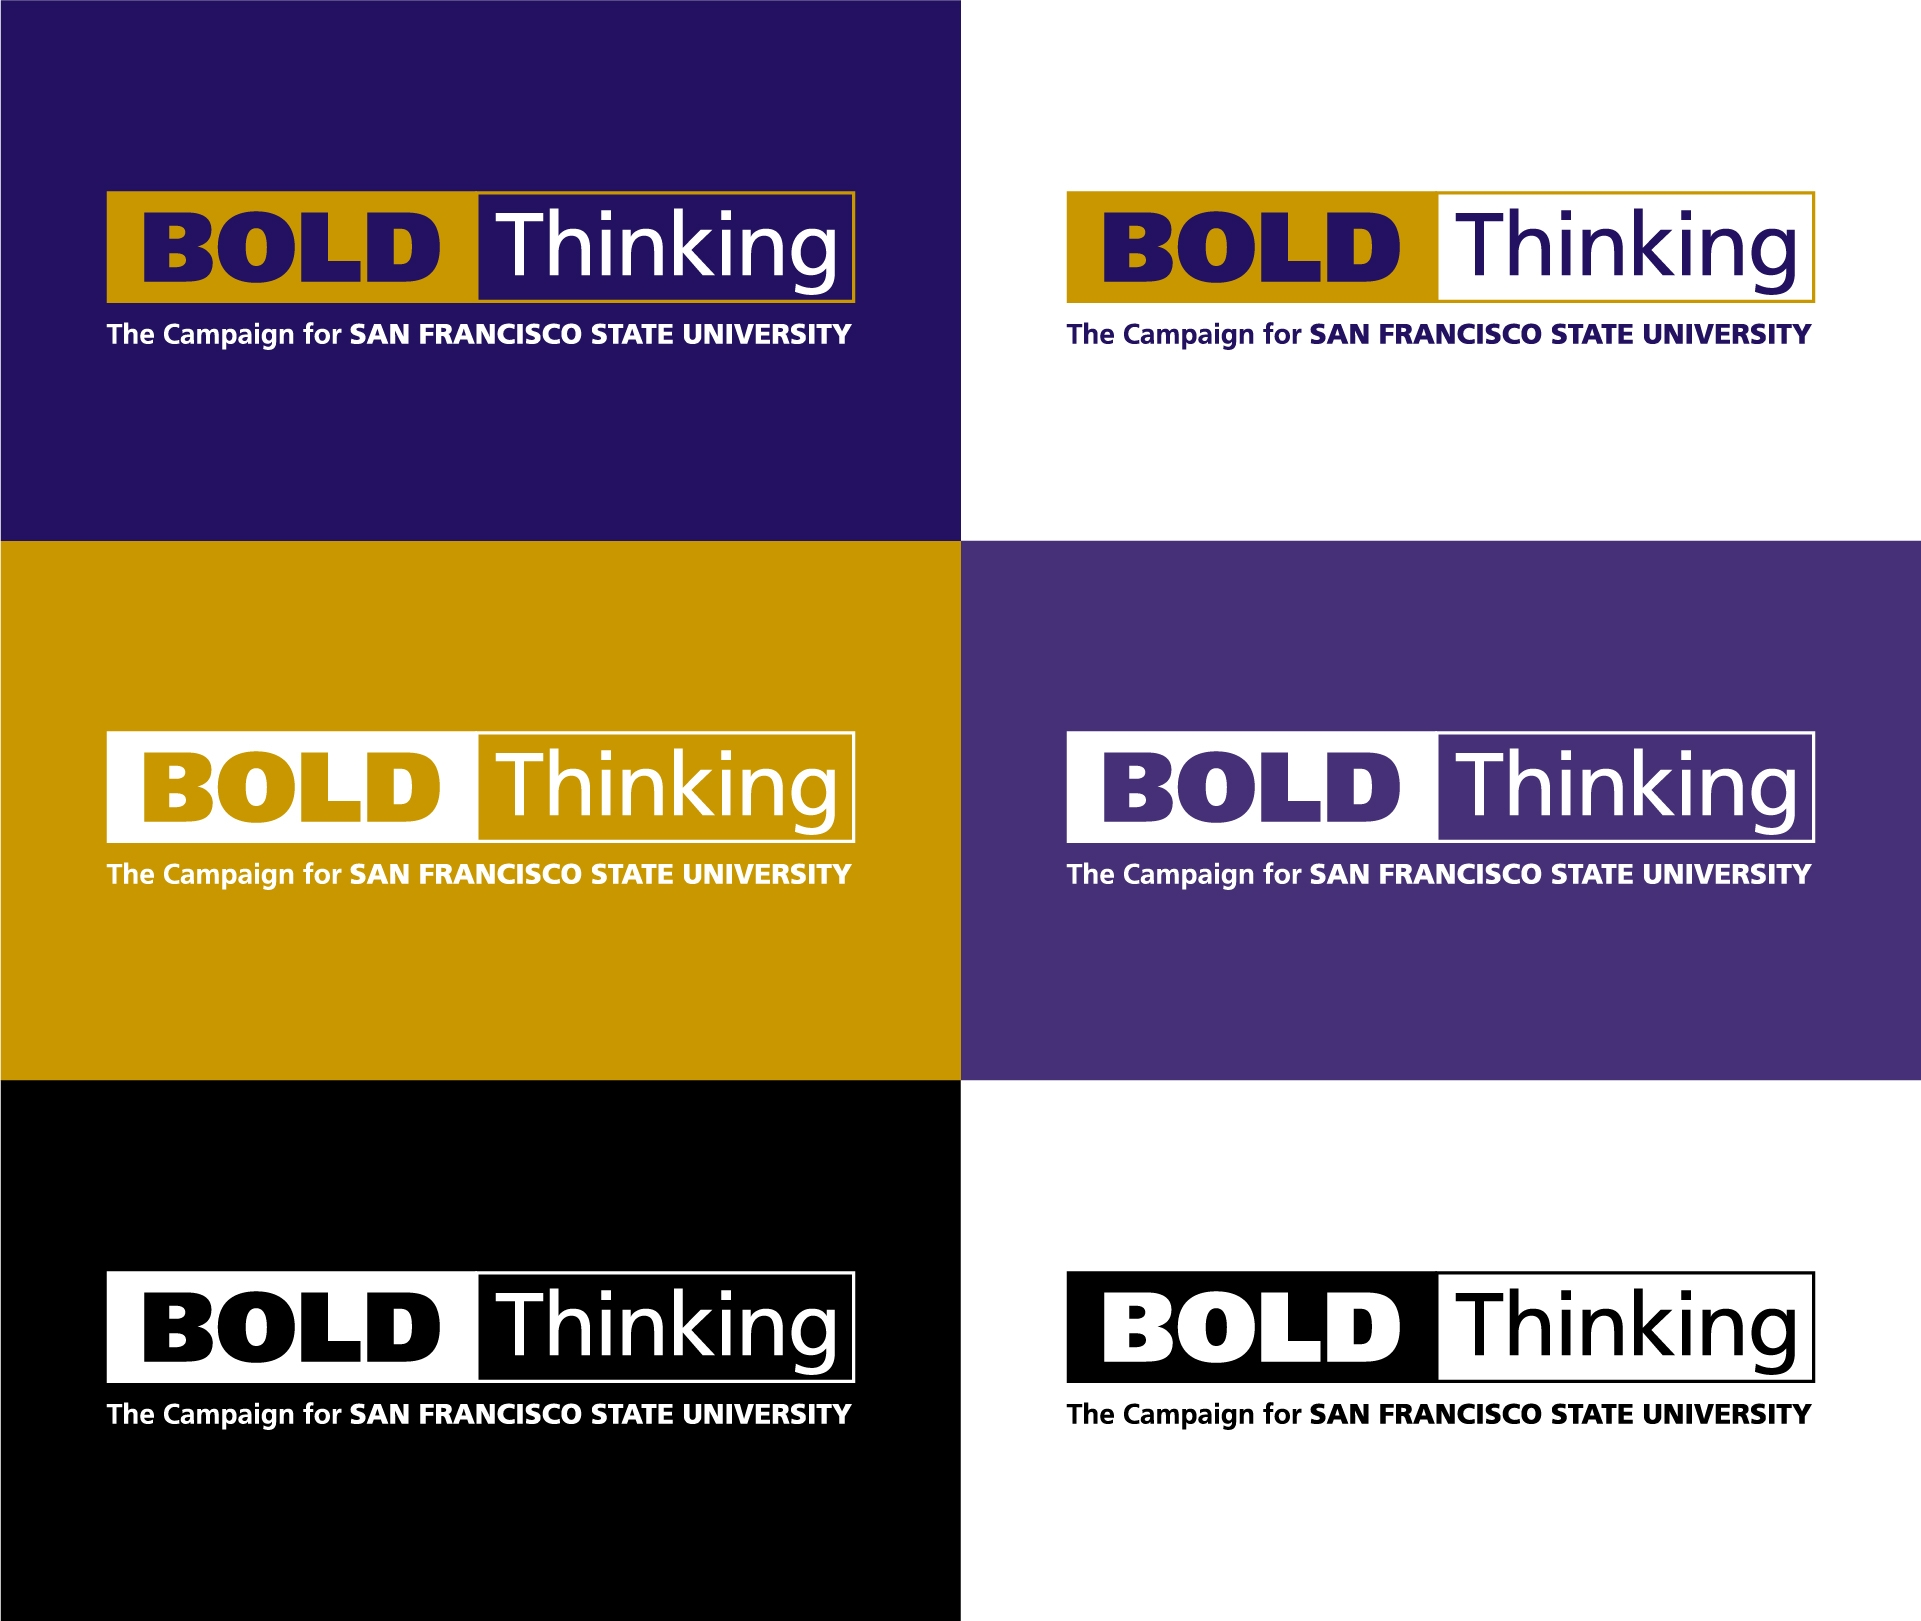 108_Boldthinking-3